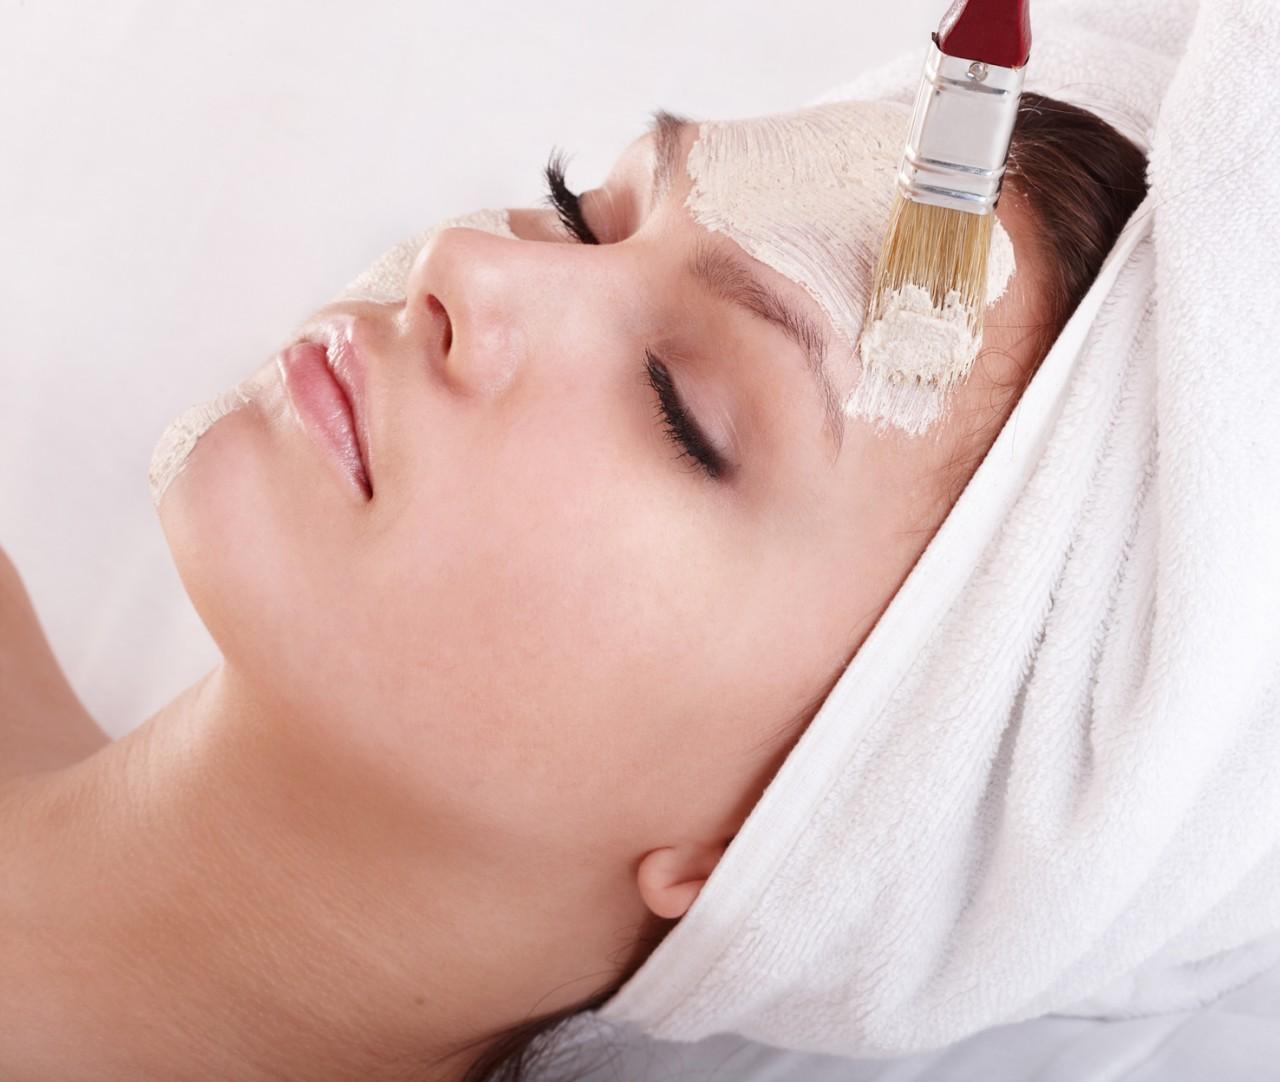 Остановить время: 3 маски для упругости кожи лица-специальные рецепты для 30+ 40+ 50+ лет